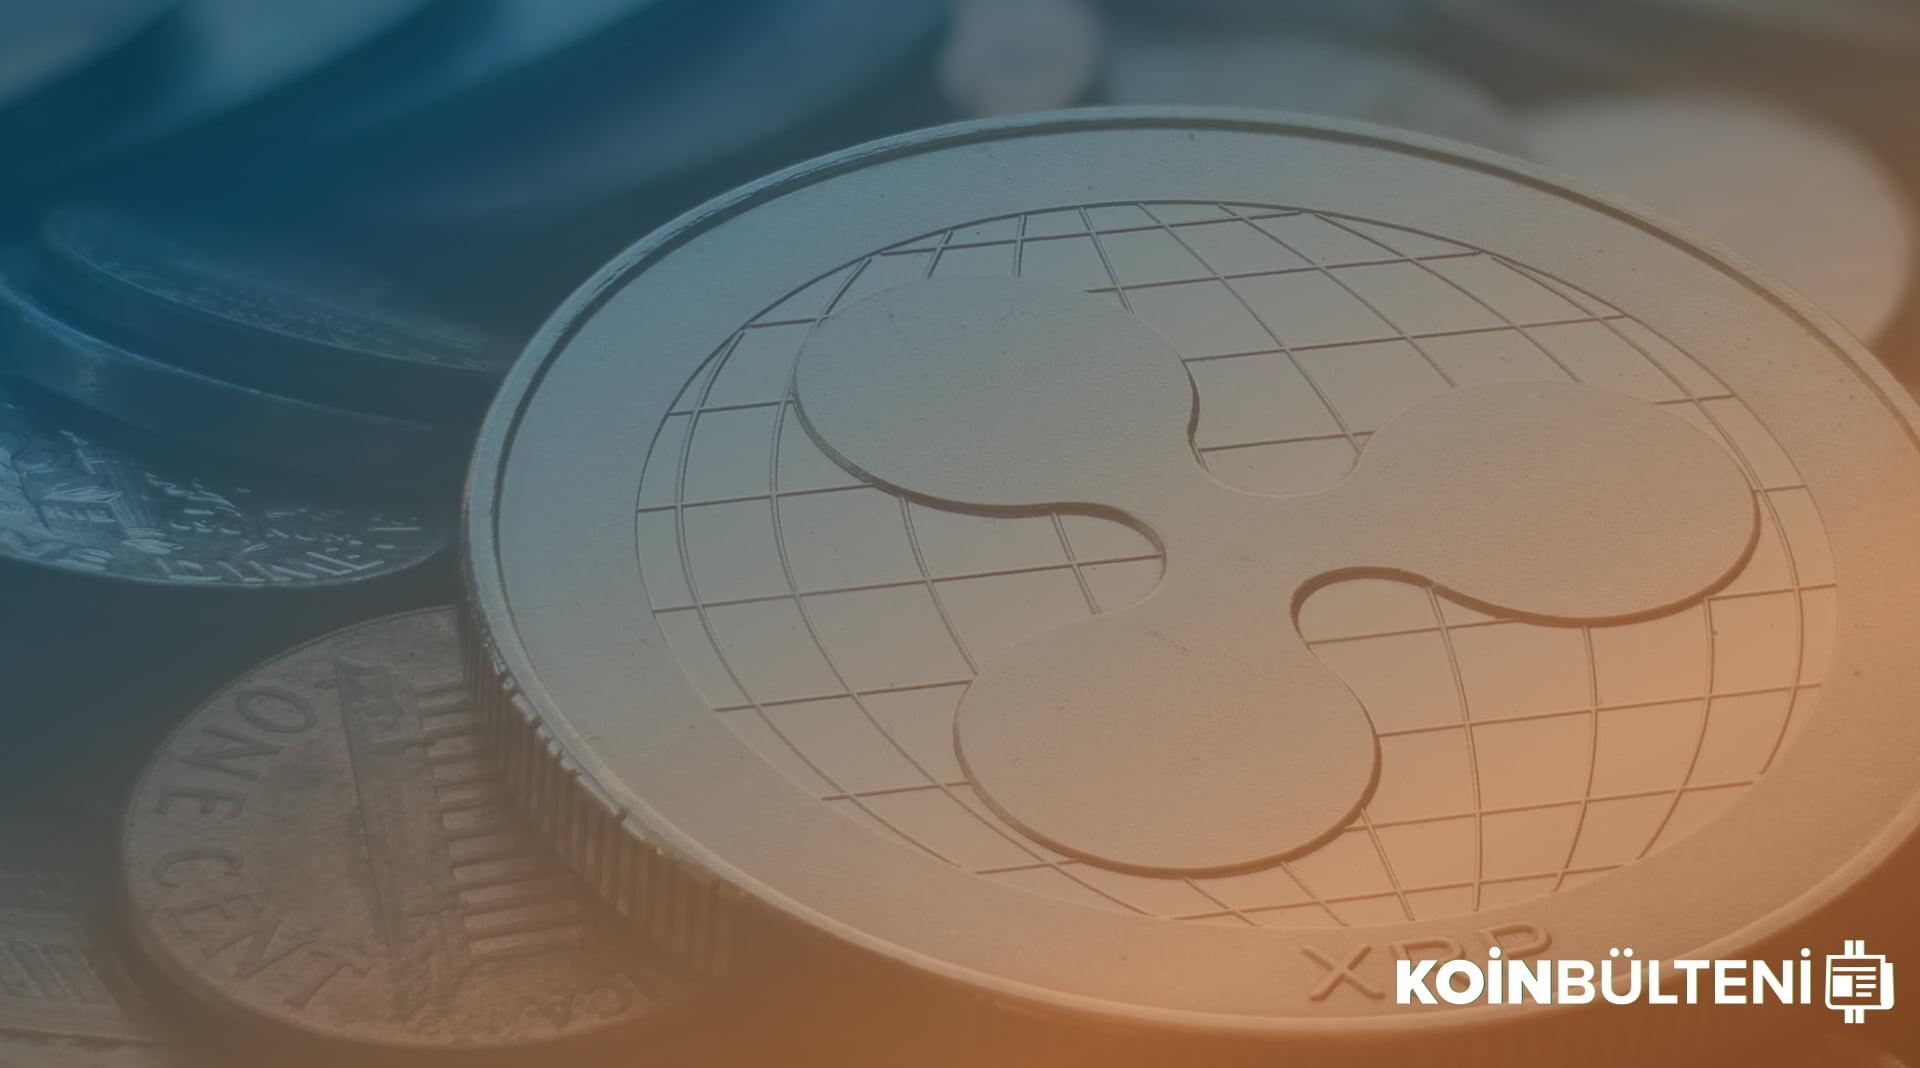 ripple-xrp-kripto-para-coin-token-fiyat-dava-sec-aciklama